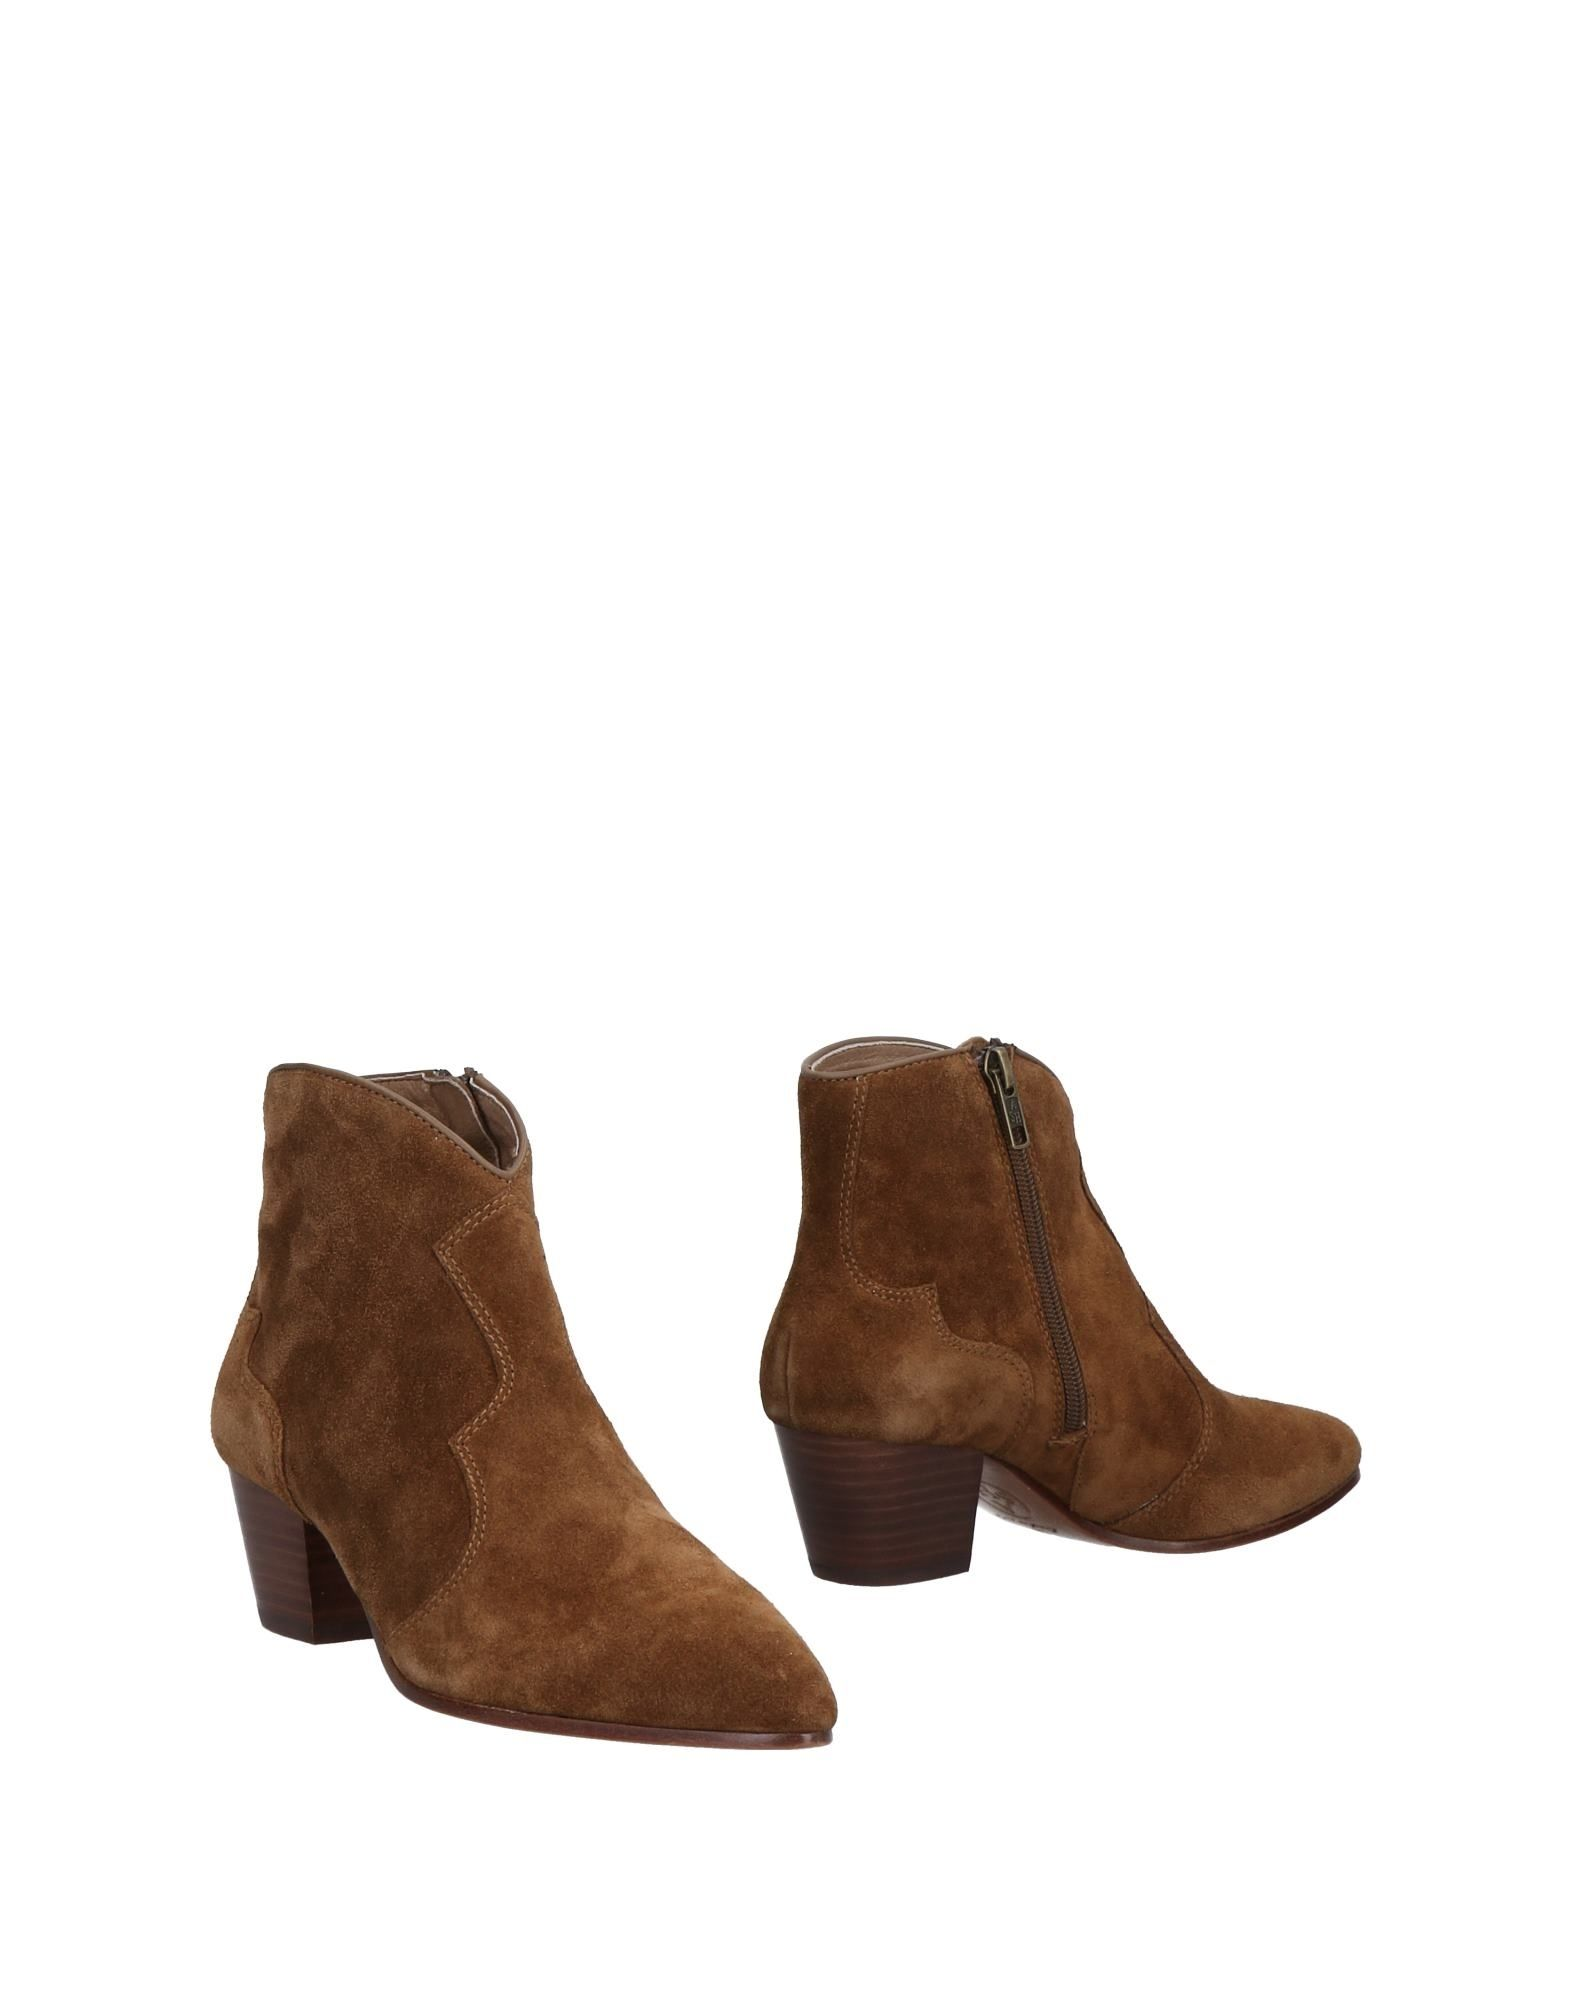 Haltbare Mode billige Heiße Schuhe Ash Stiefelette Damen  11264739CE Heiße billige Schuhe 219a9a